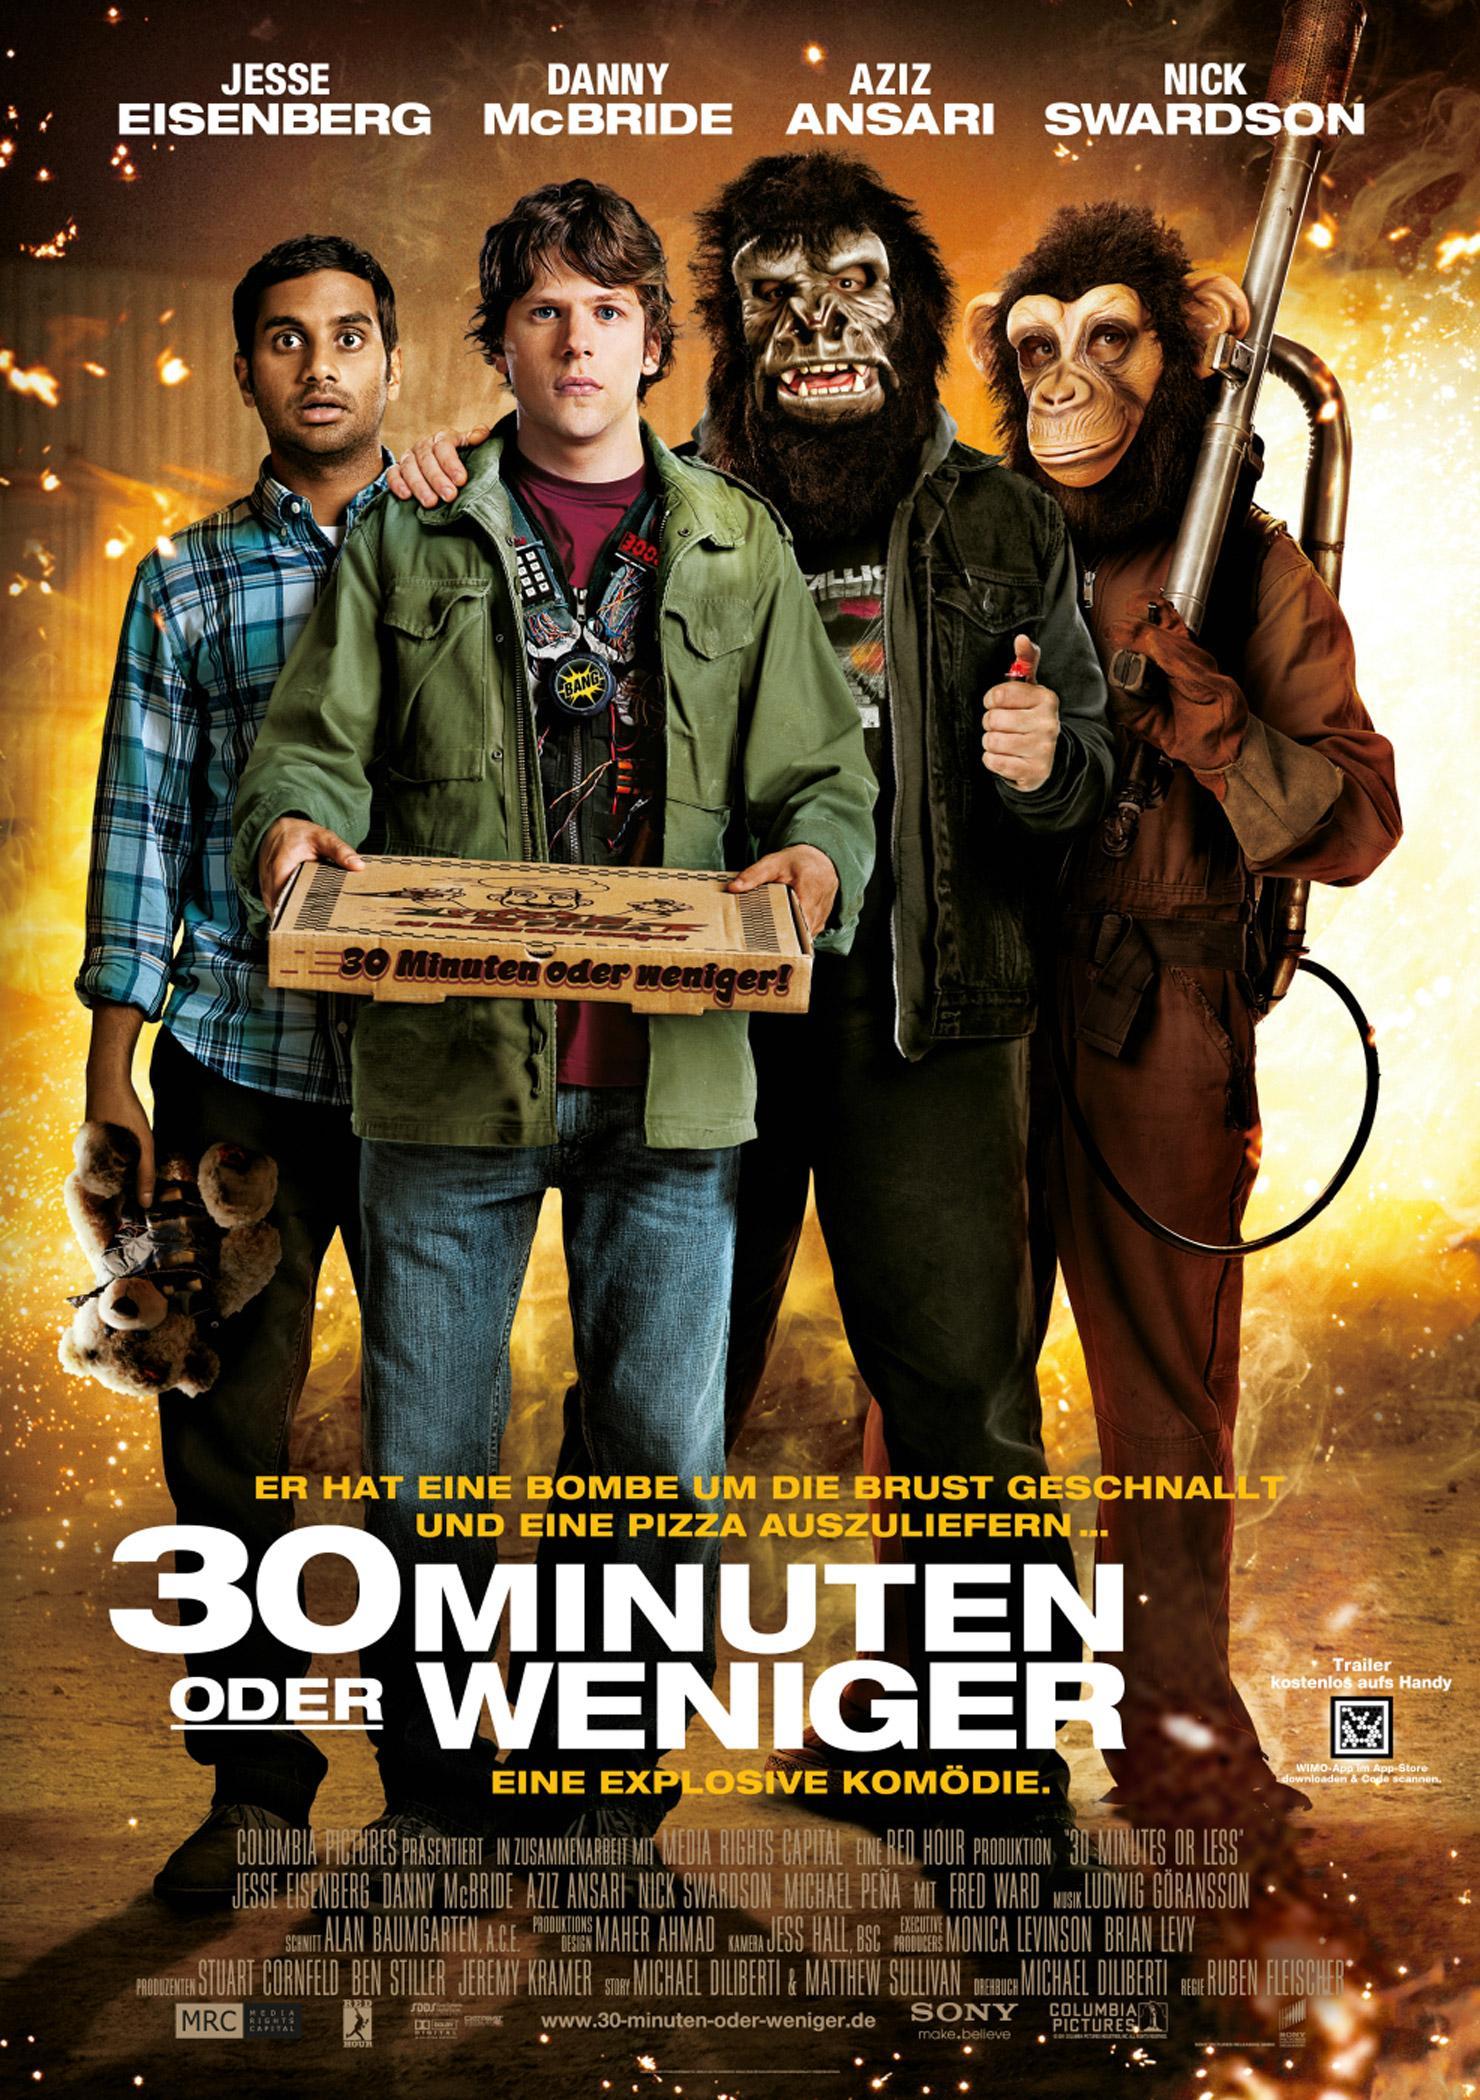 30 Minuten oder weniger (Poster)